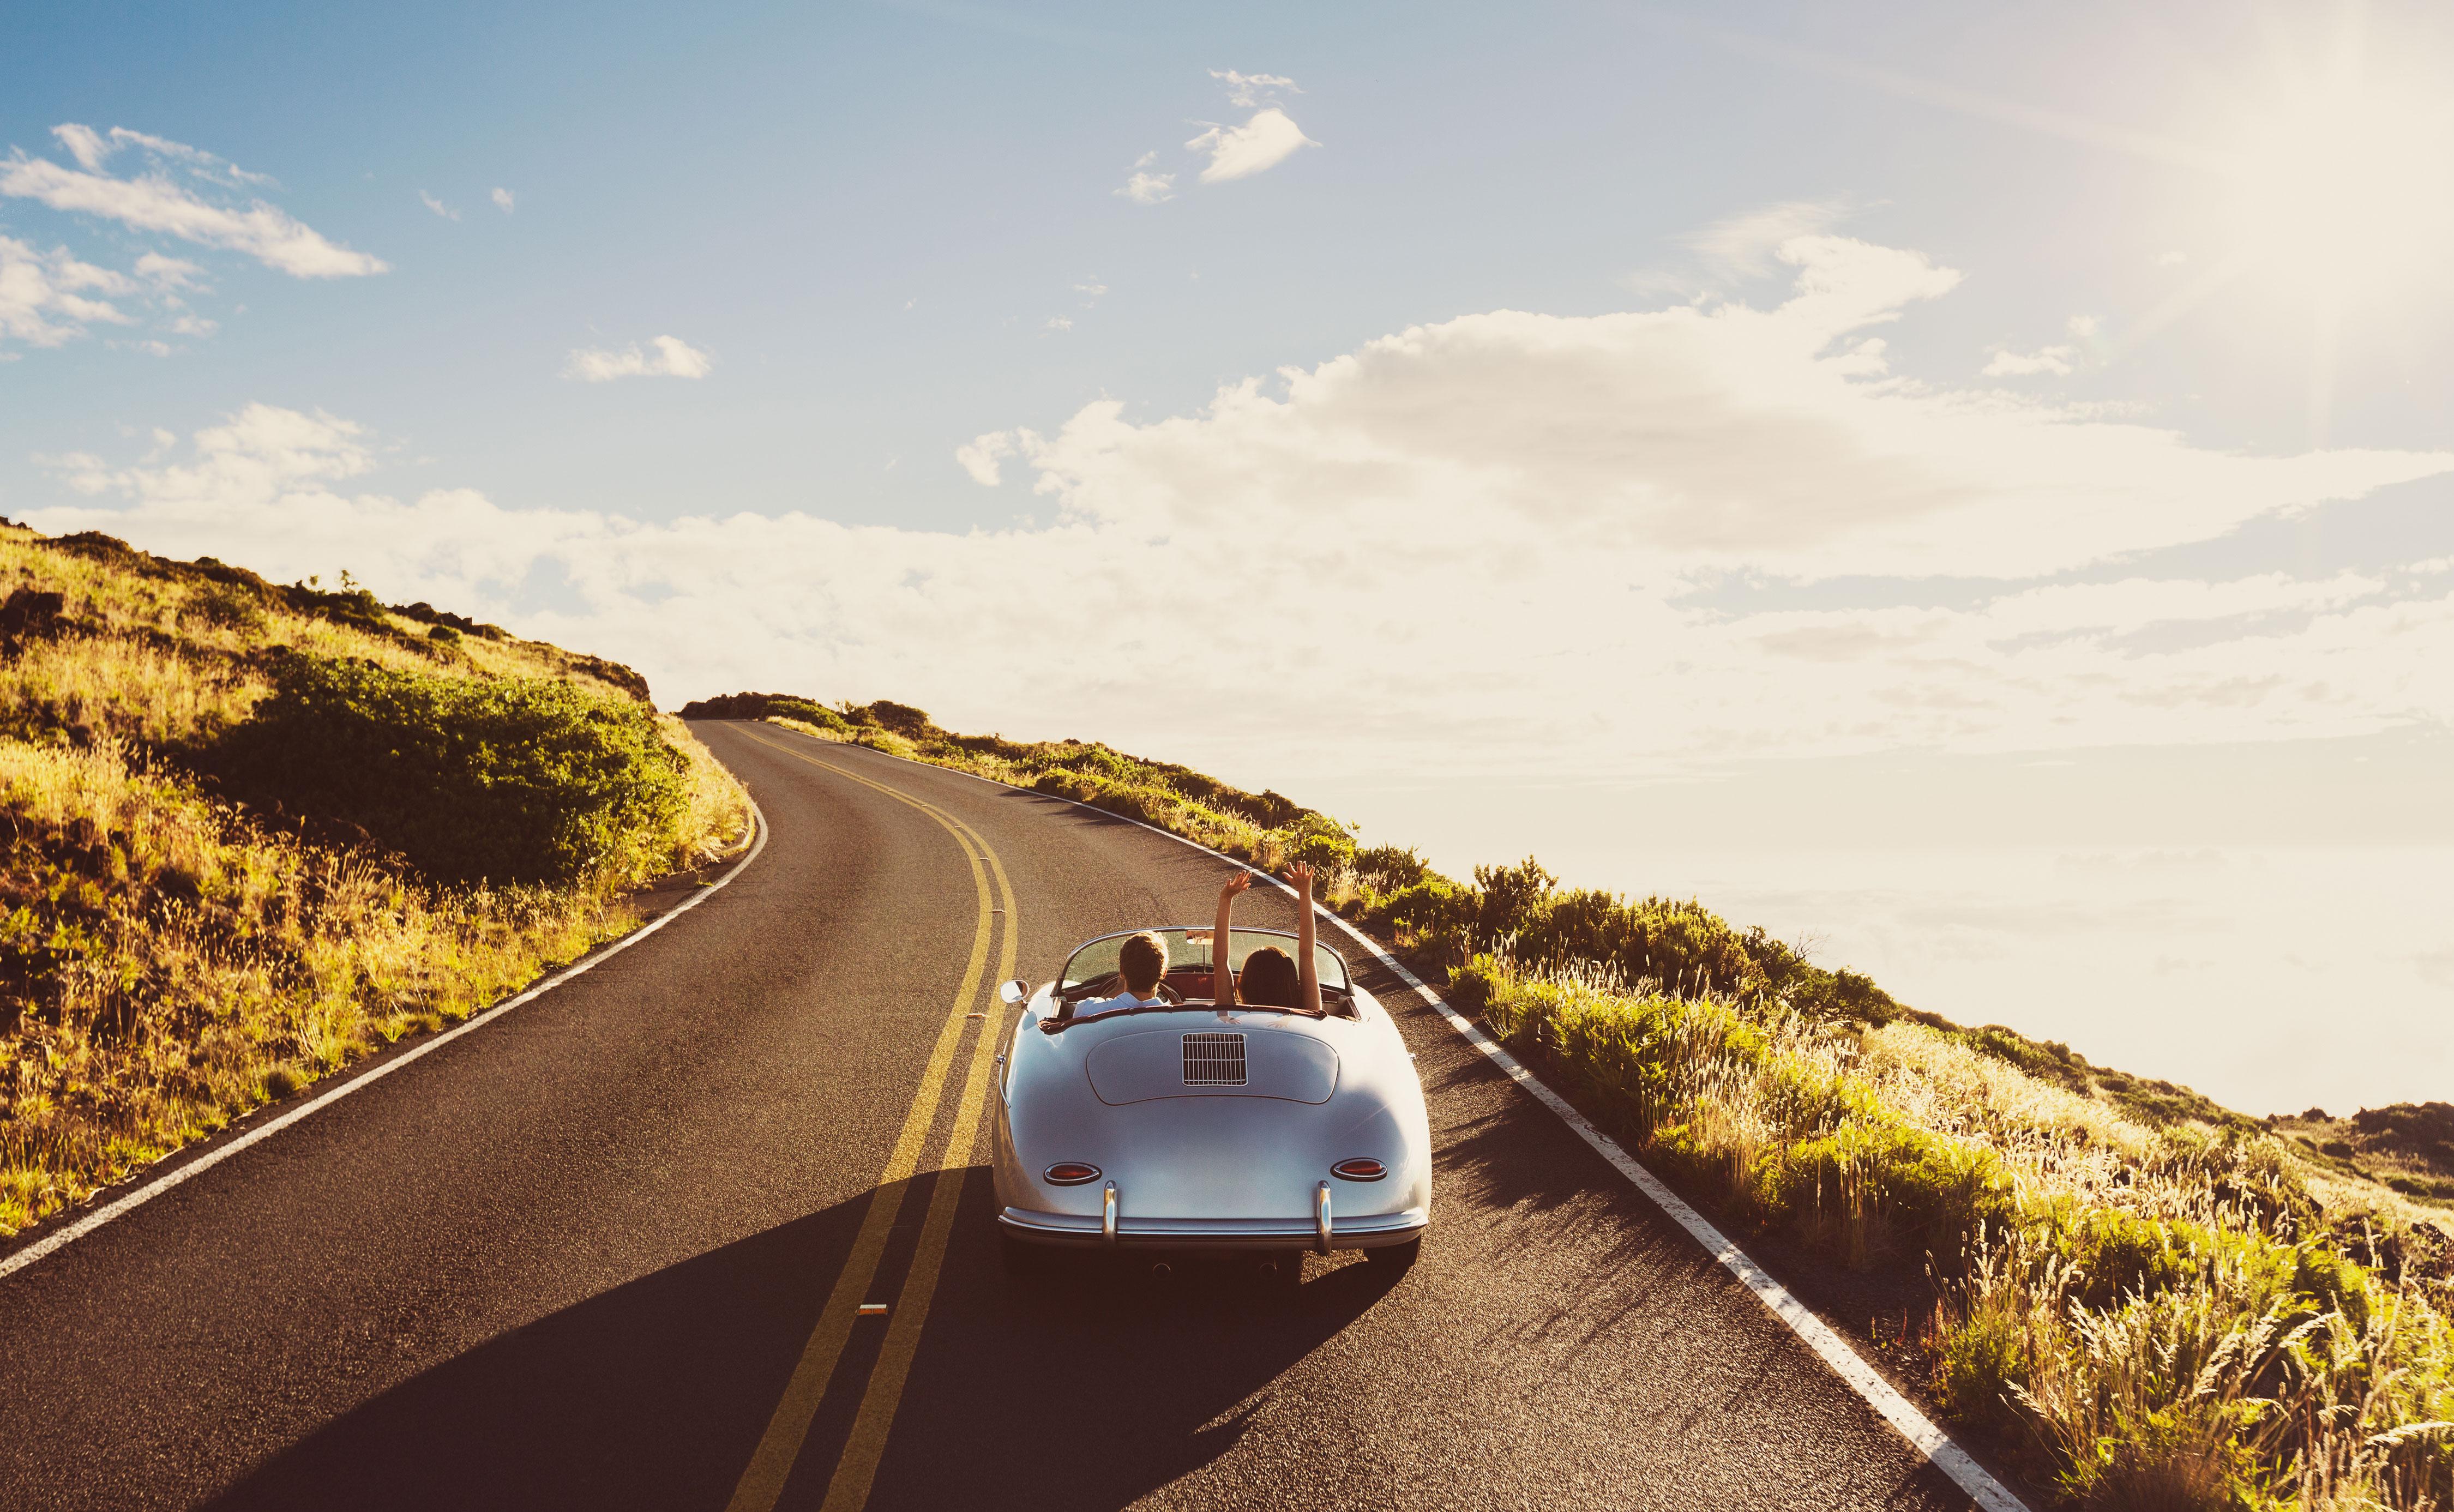 Paar in Oldtimer unterwegs auf Landstraße